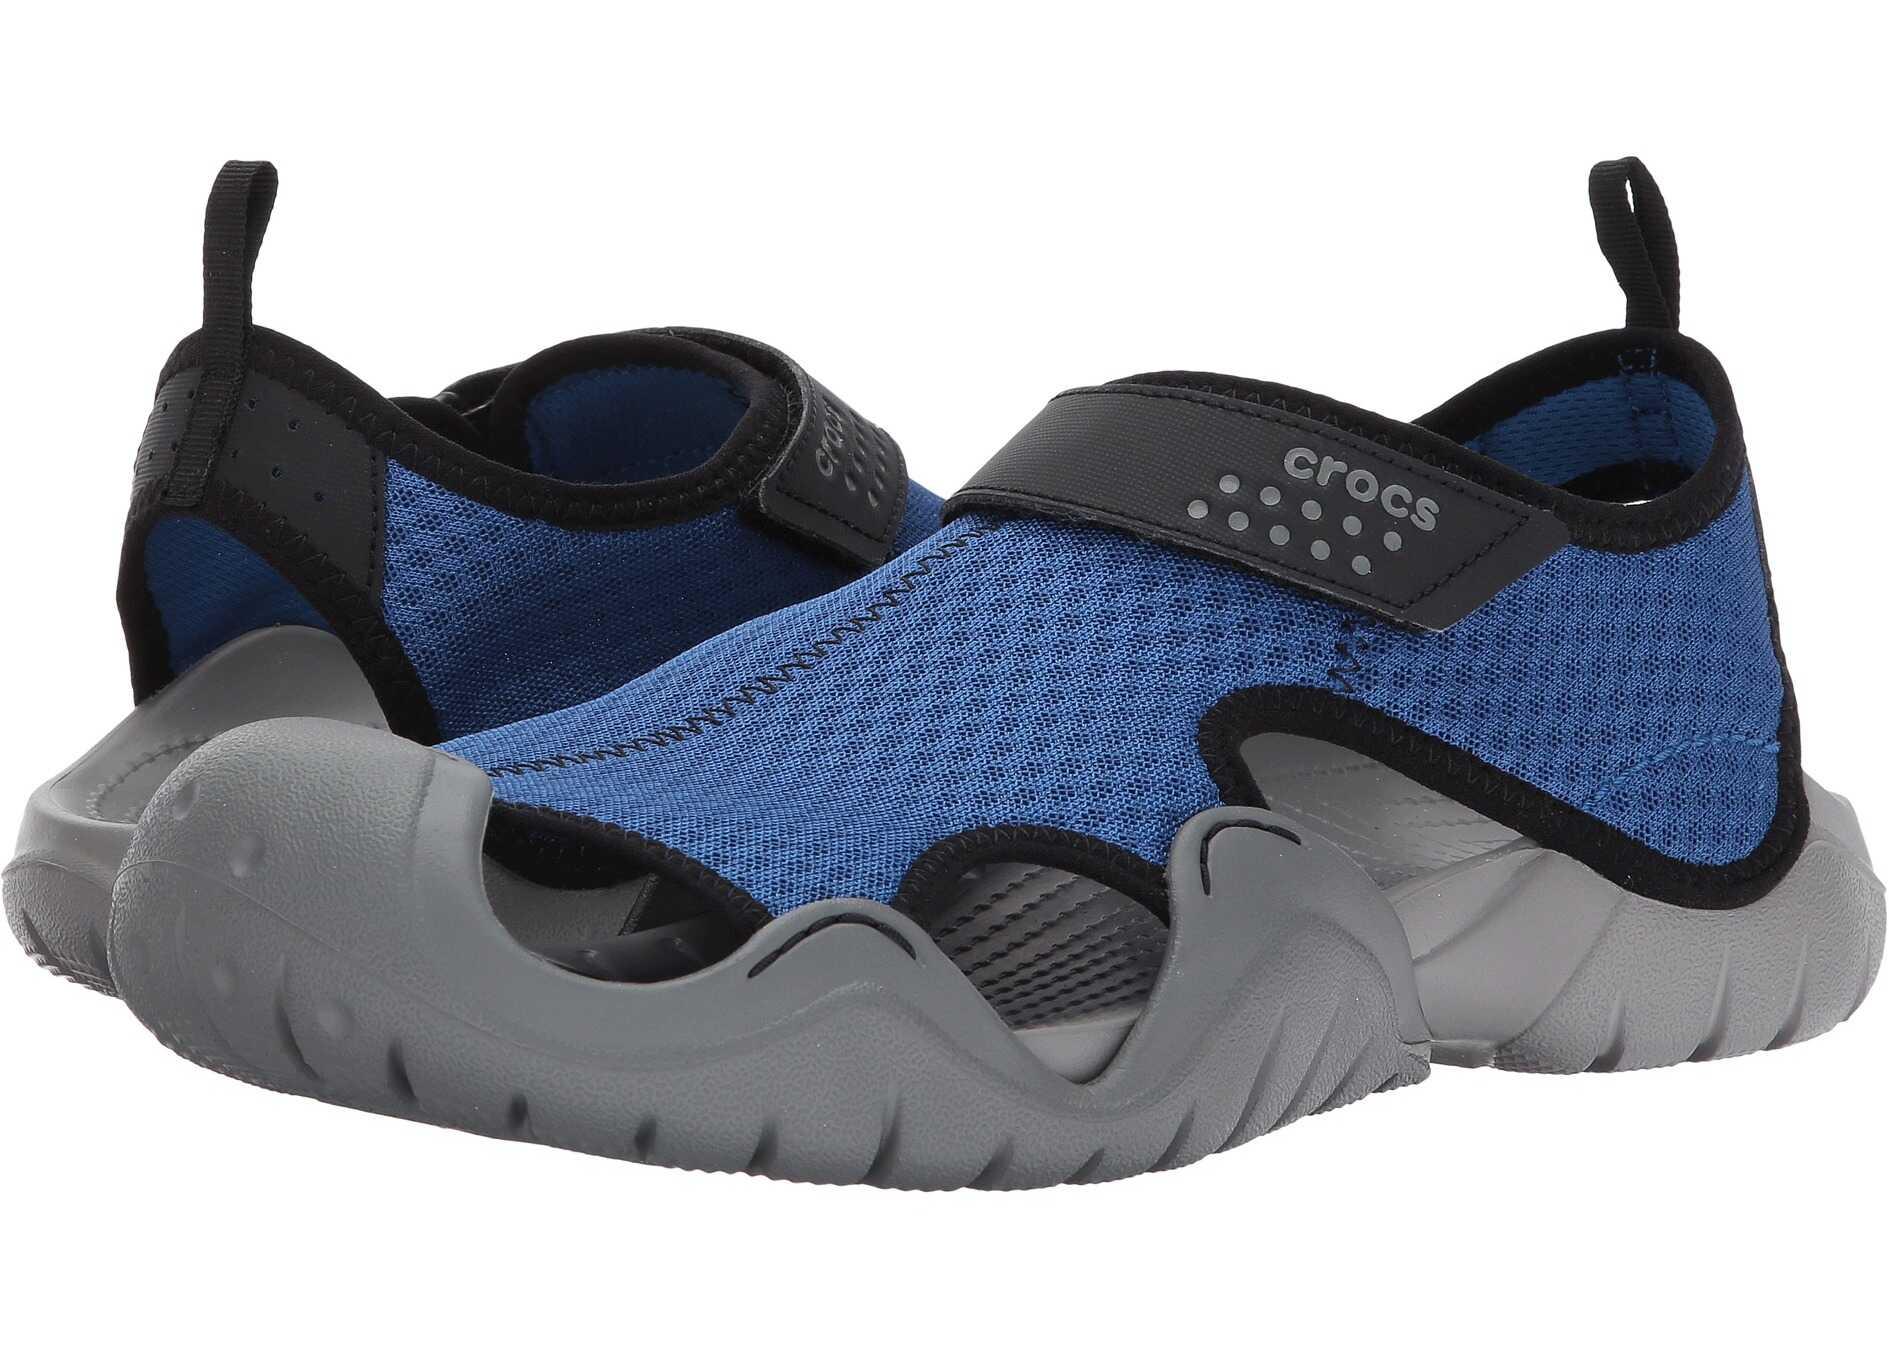 Crocs Swiftwater Sandal Blue Jean/Slate Grey